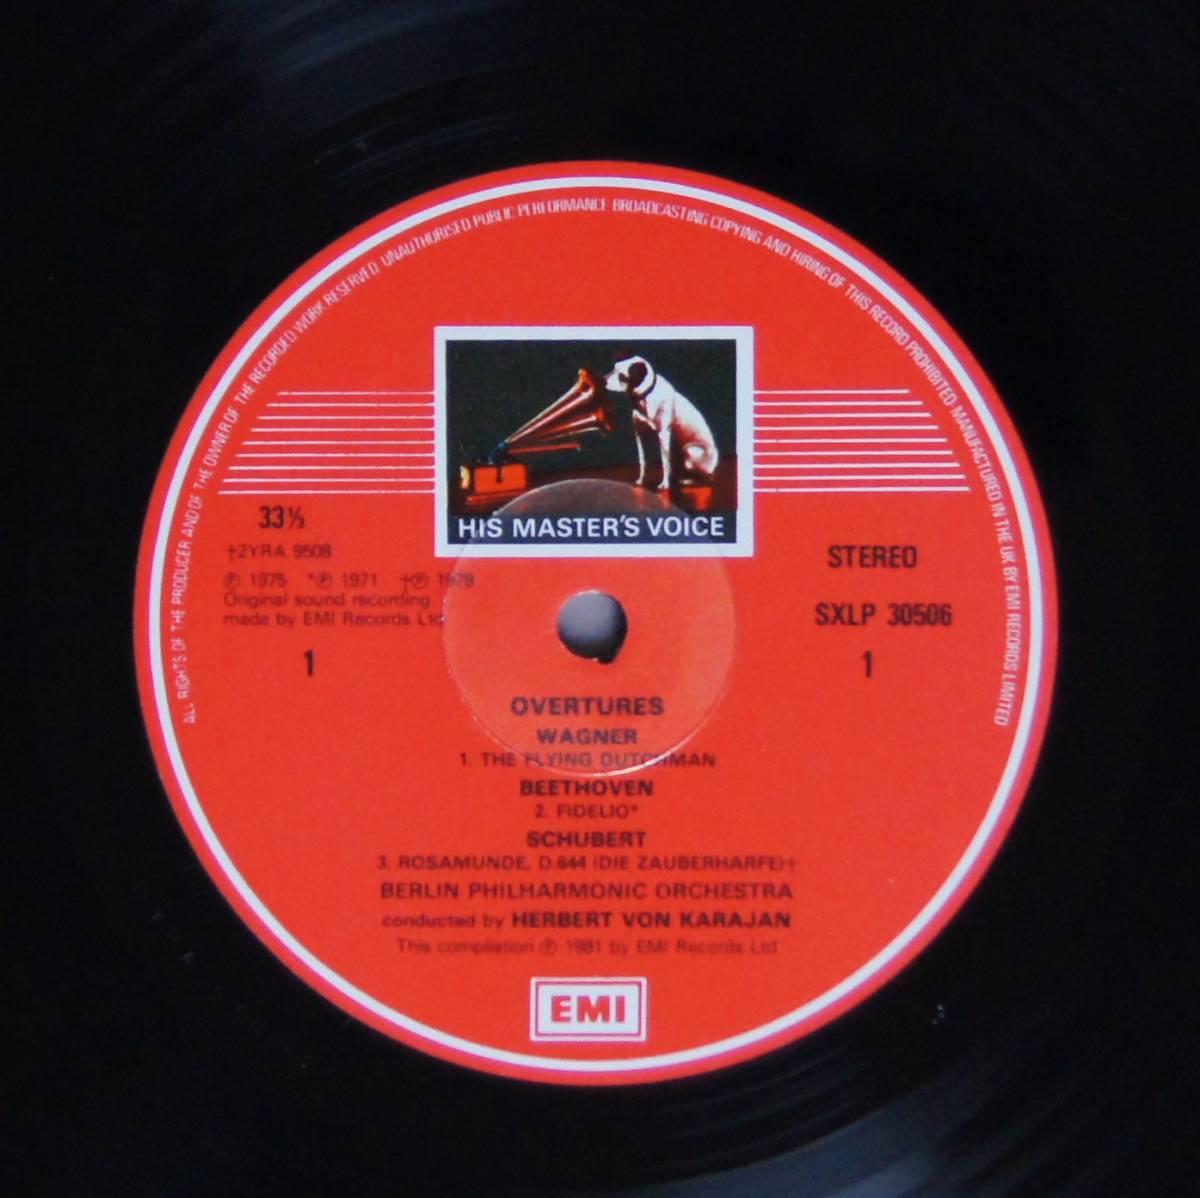 ヘルベルト・フォン・カラヤン/ベルリン・フィル【EMI録音 イギリス盤】管弦楽名曲集_画像3